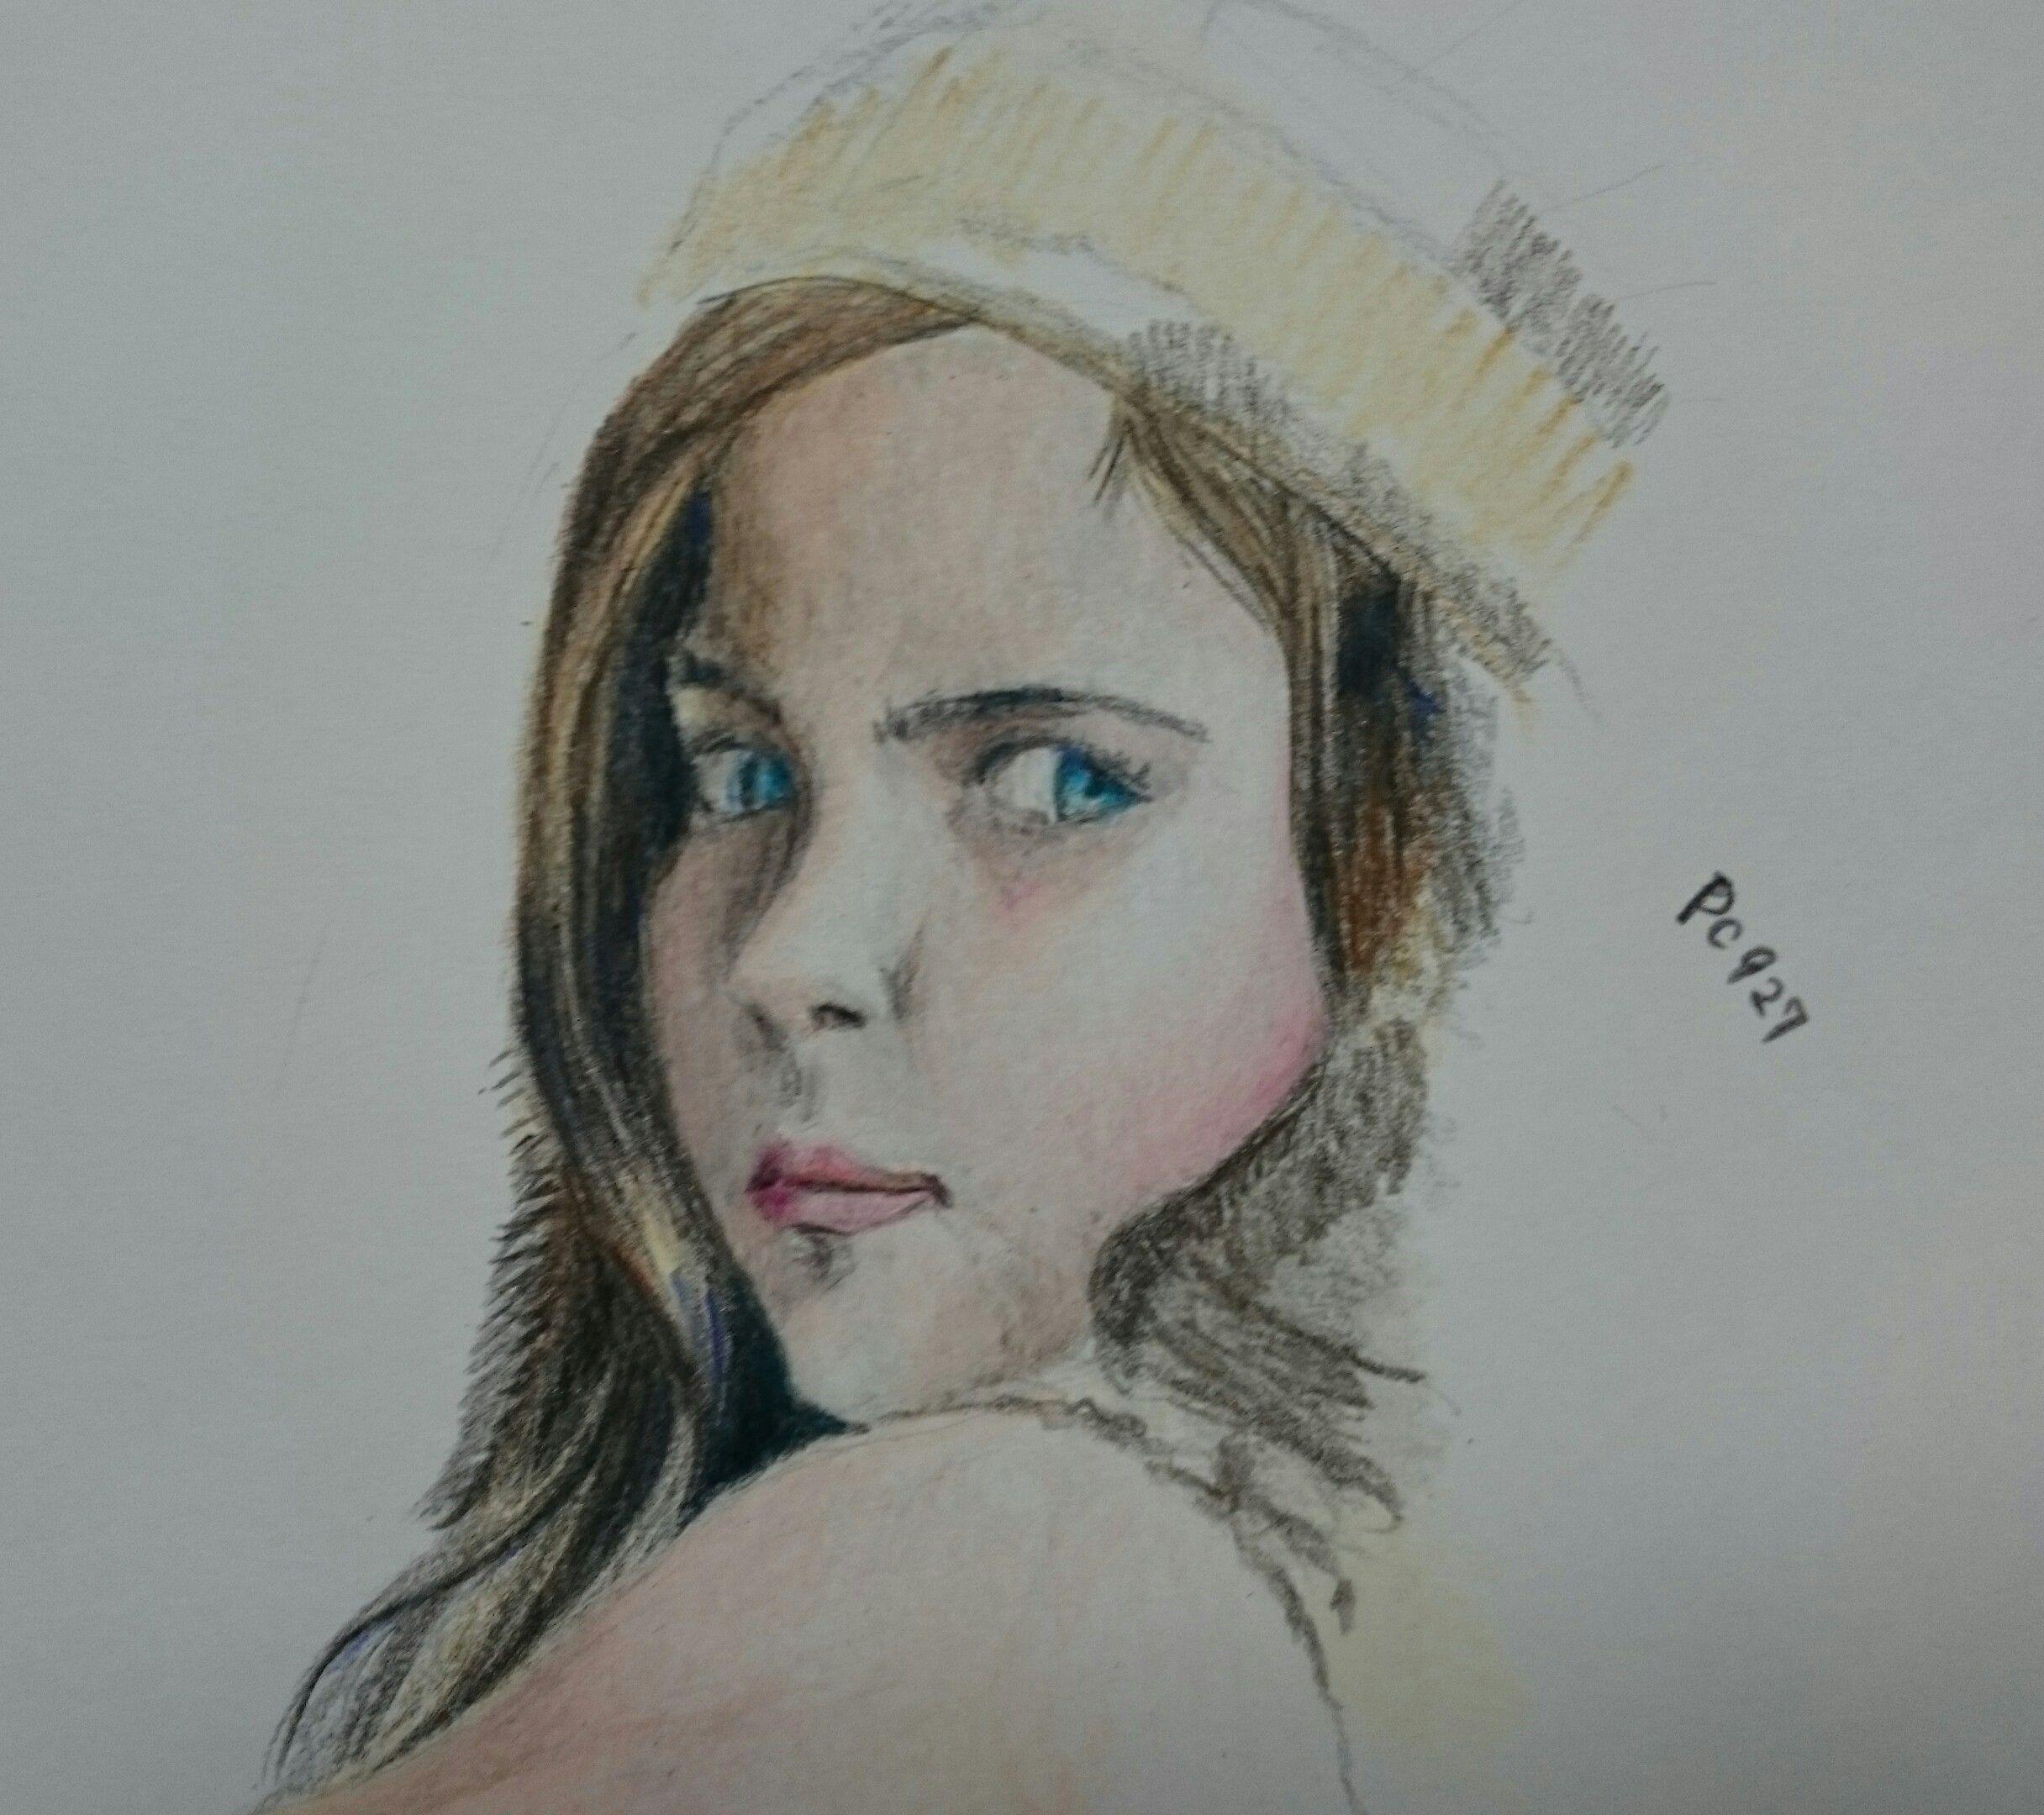 リアルなイラストの描き方色鉛筆カリスマカラー 画材マニアの